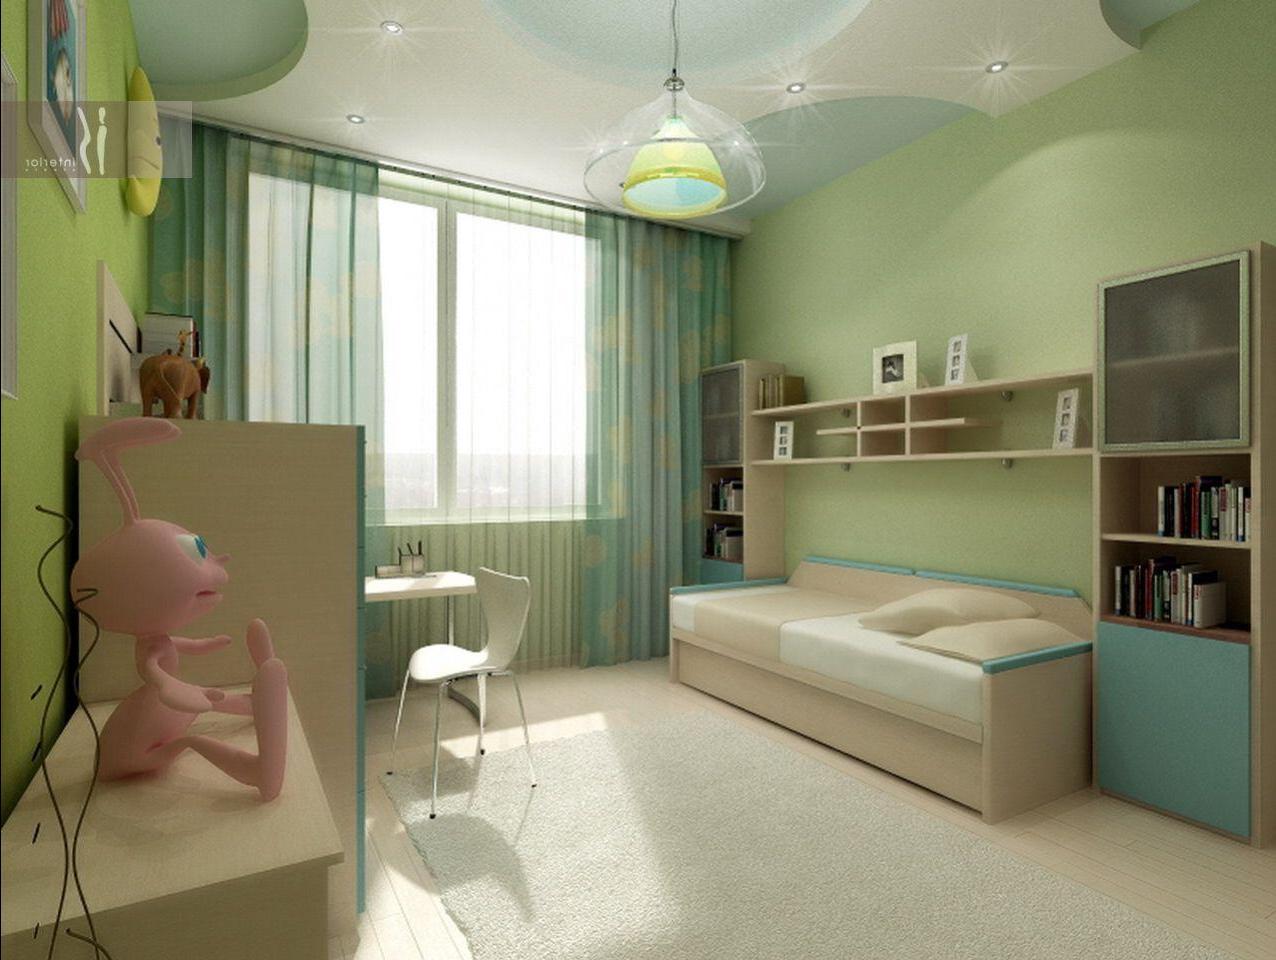 Идеи для ремонта комнаты 12 м фото